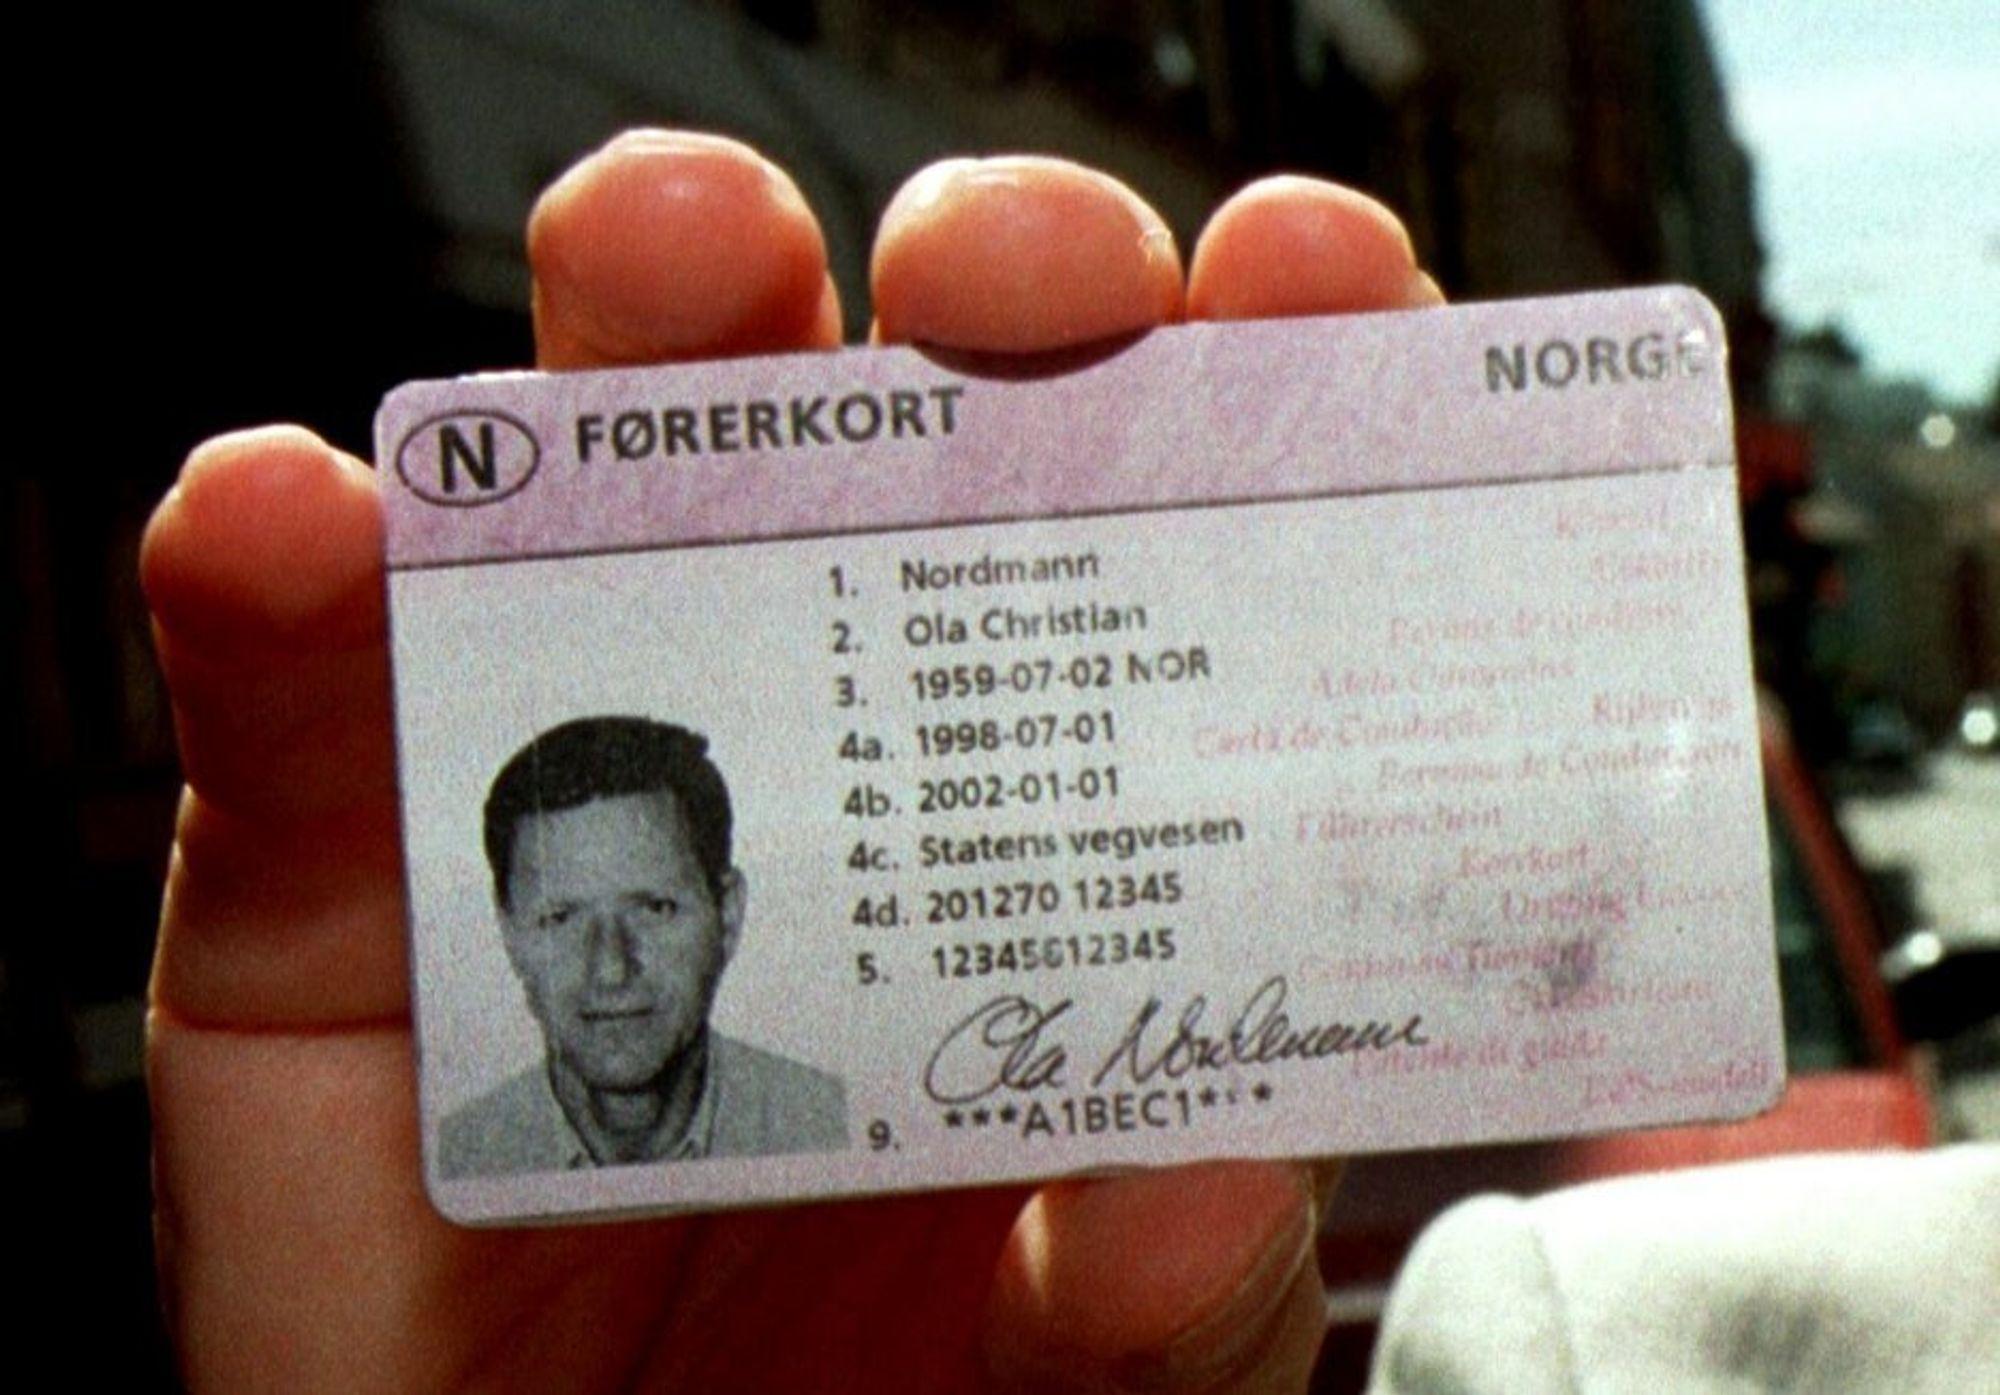 Dagens førerkort ble utstedt første gang 1. januar 1998.